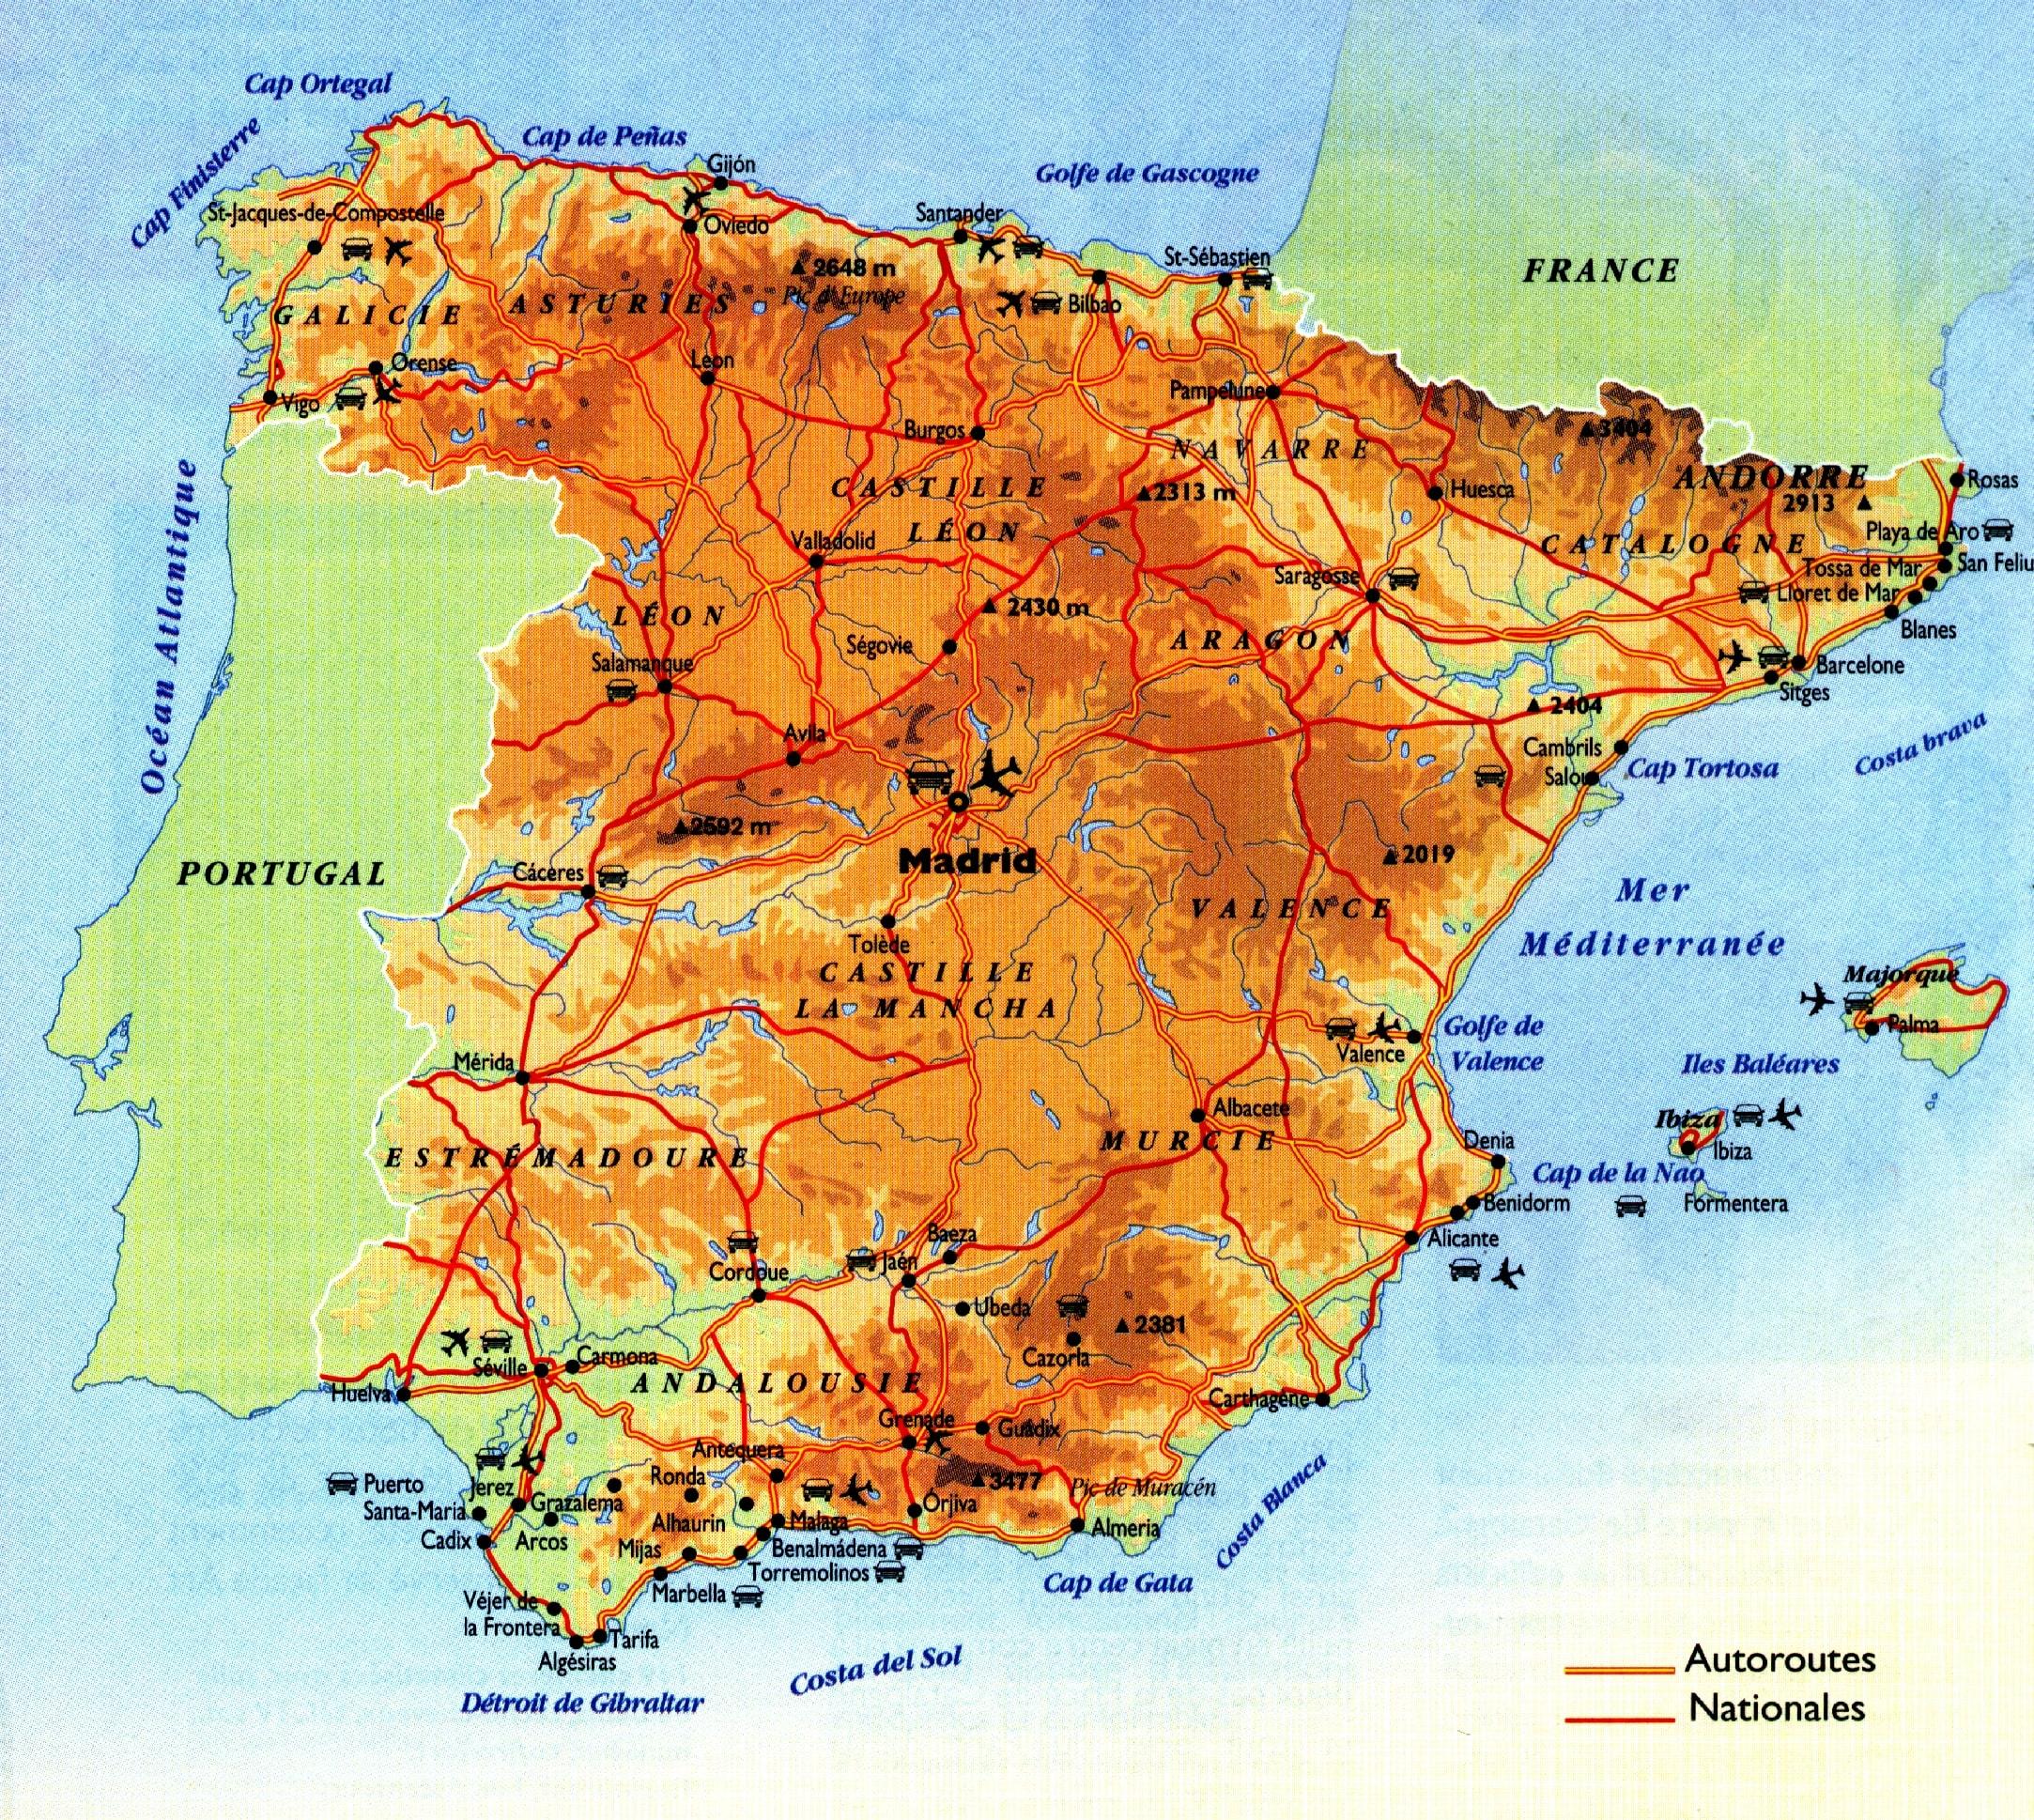 Carte Espagne Topographique.Cartograf Fr L Espagne Page 2